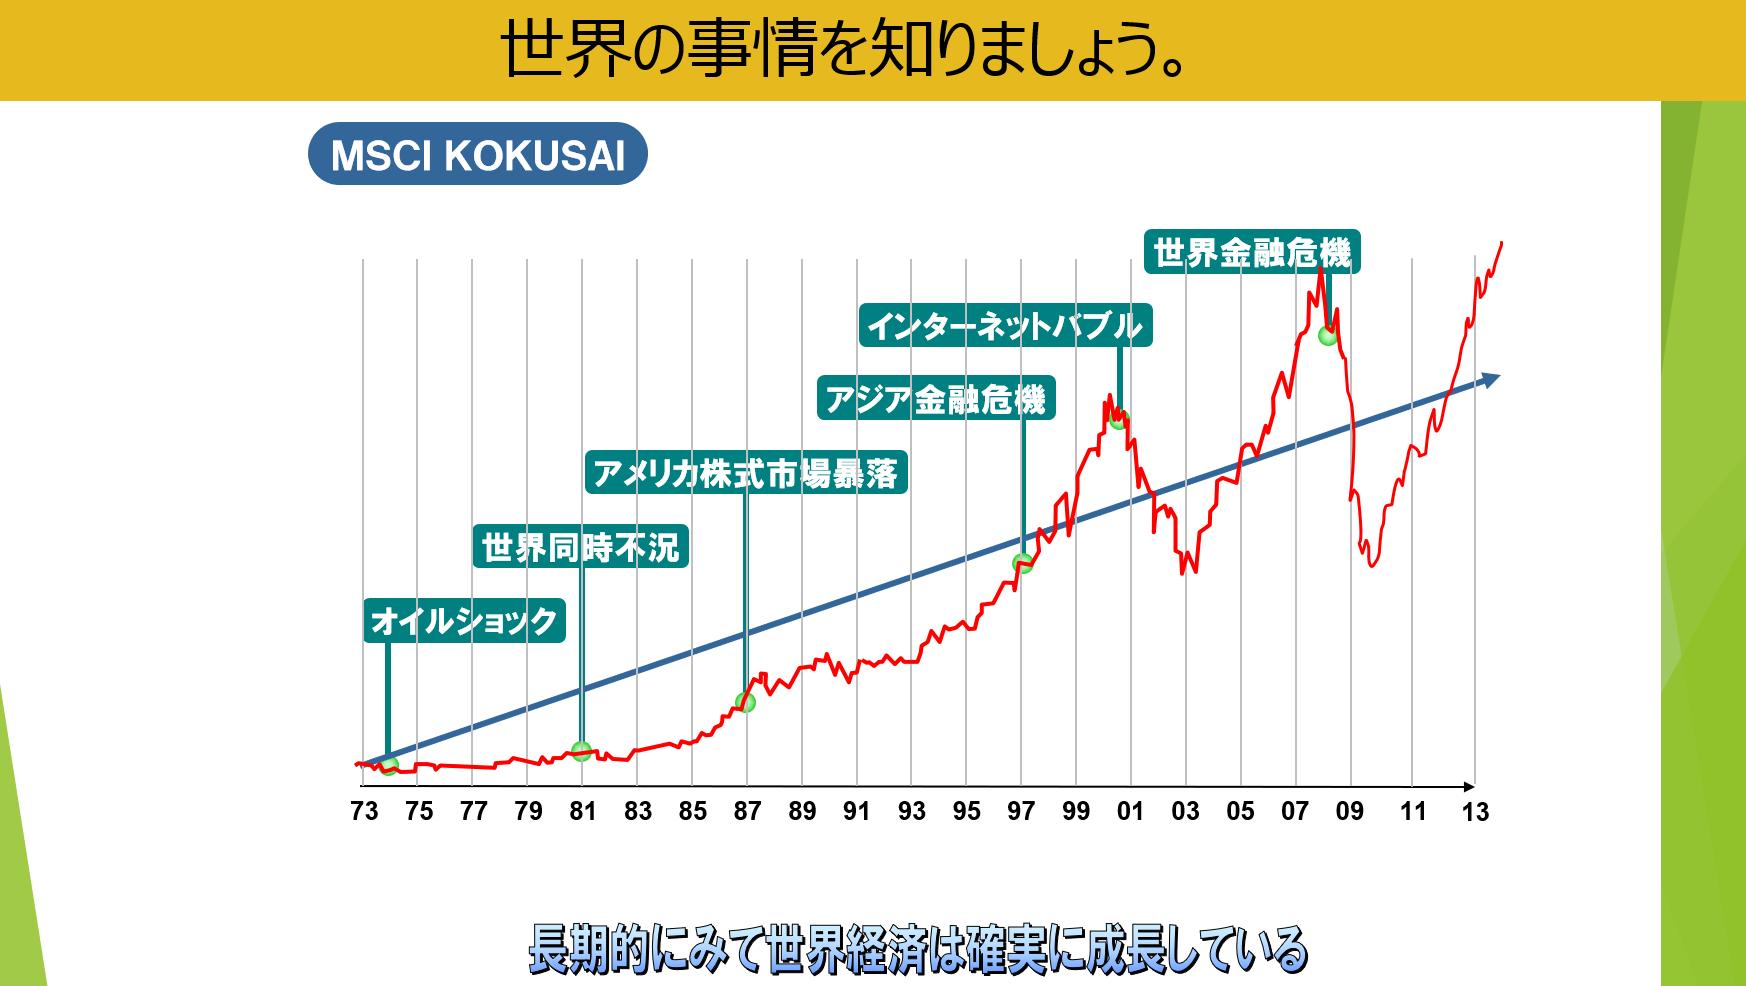 MSCIコクサイ 世界の経済成長